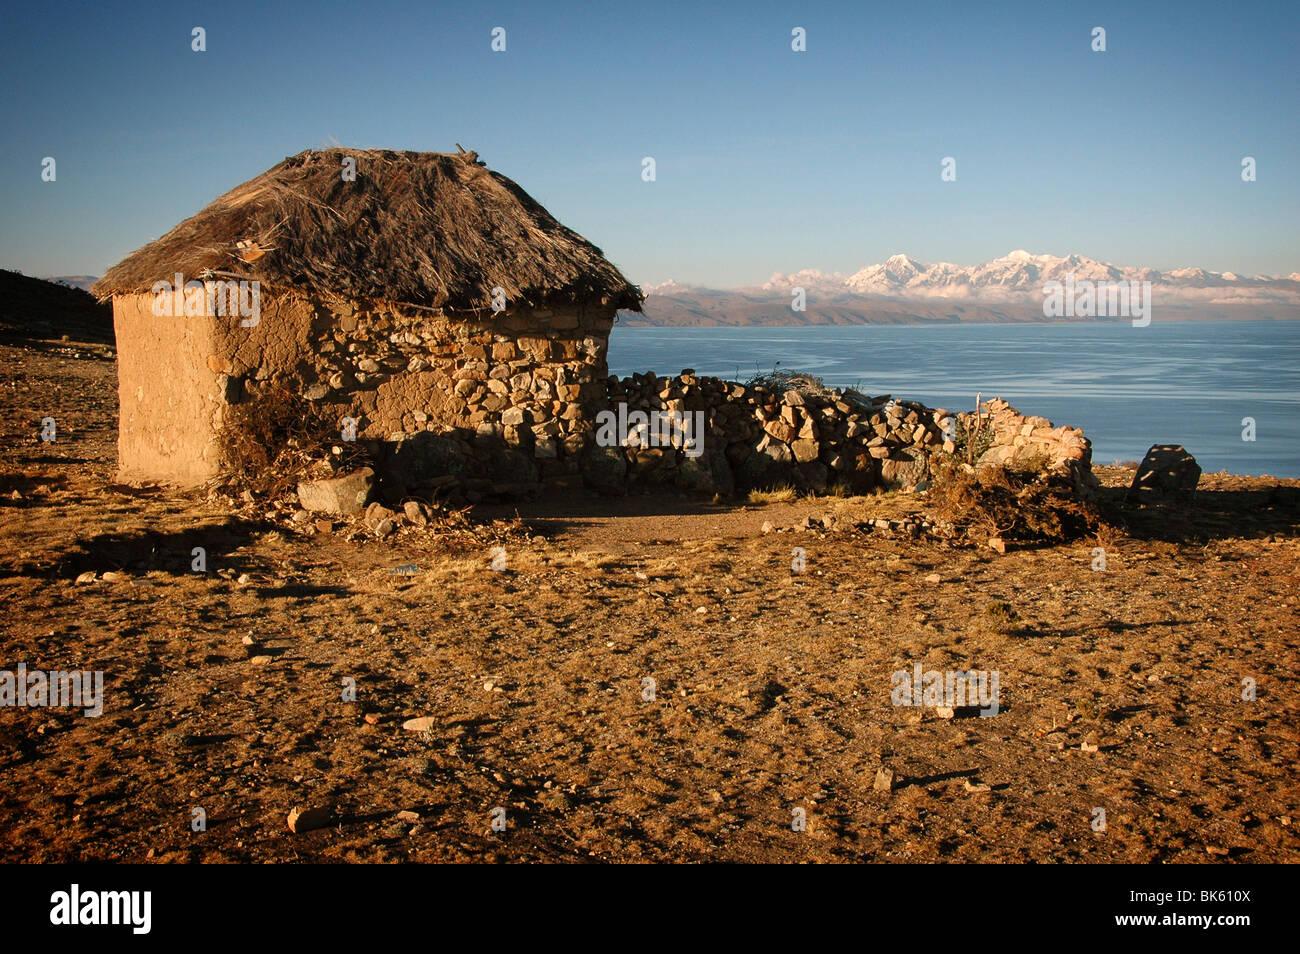 Isla del Sol, Bolivia - Stock Image